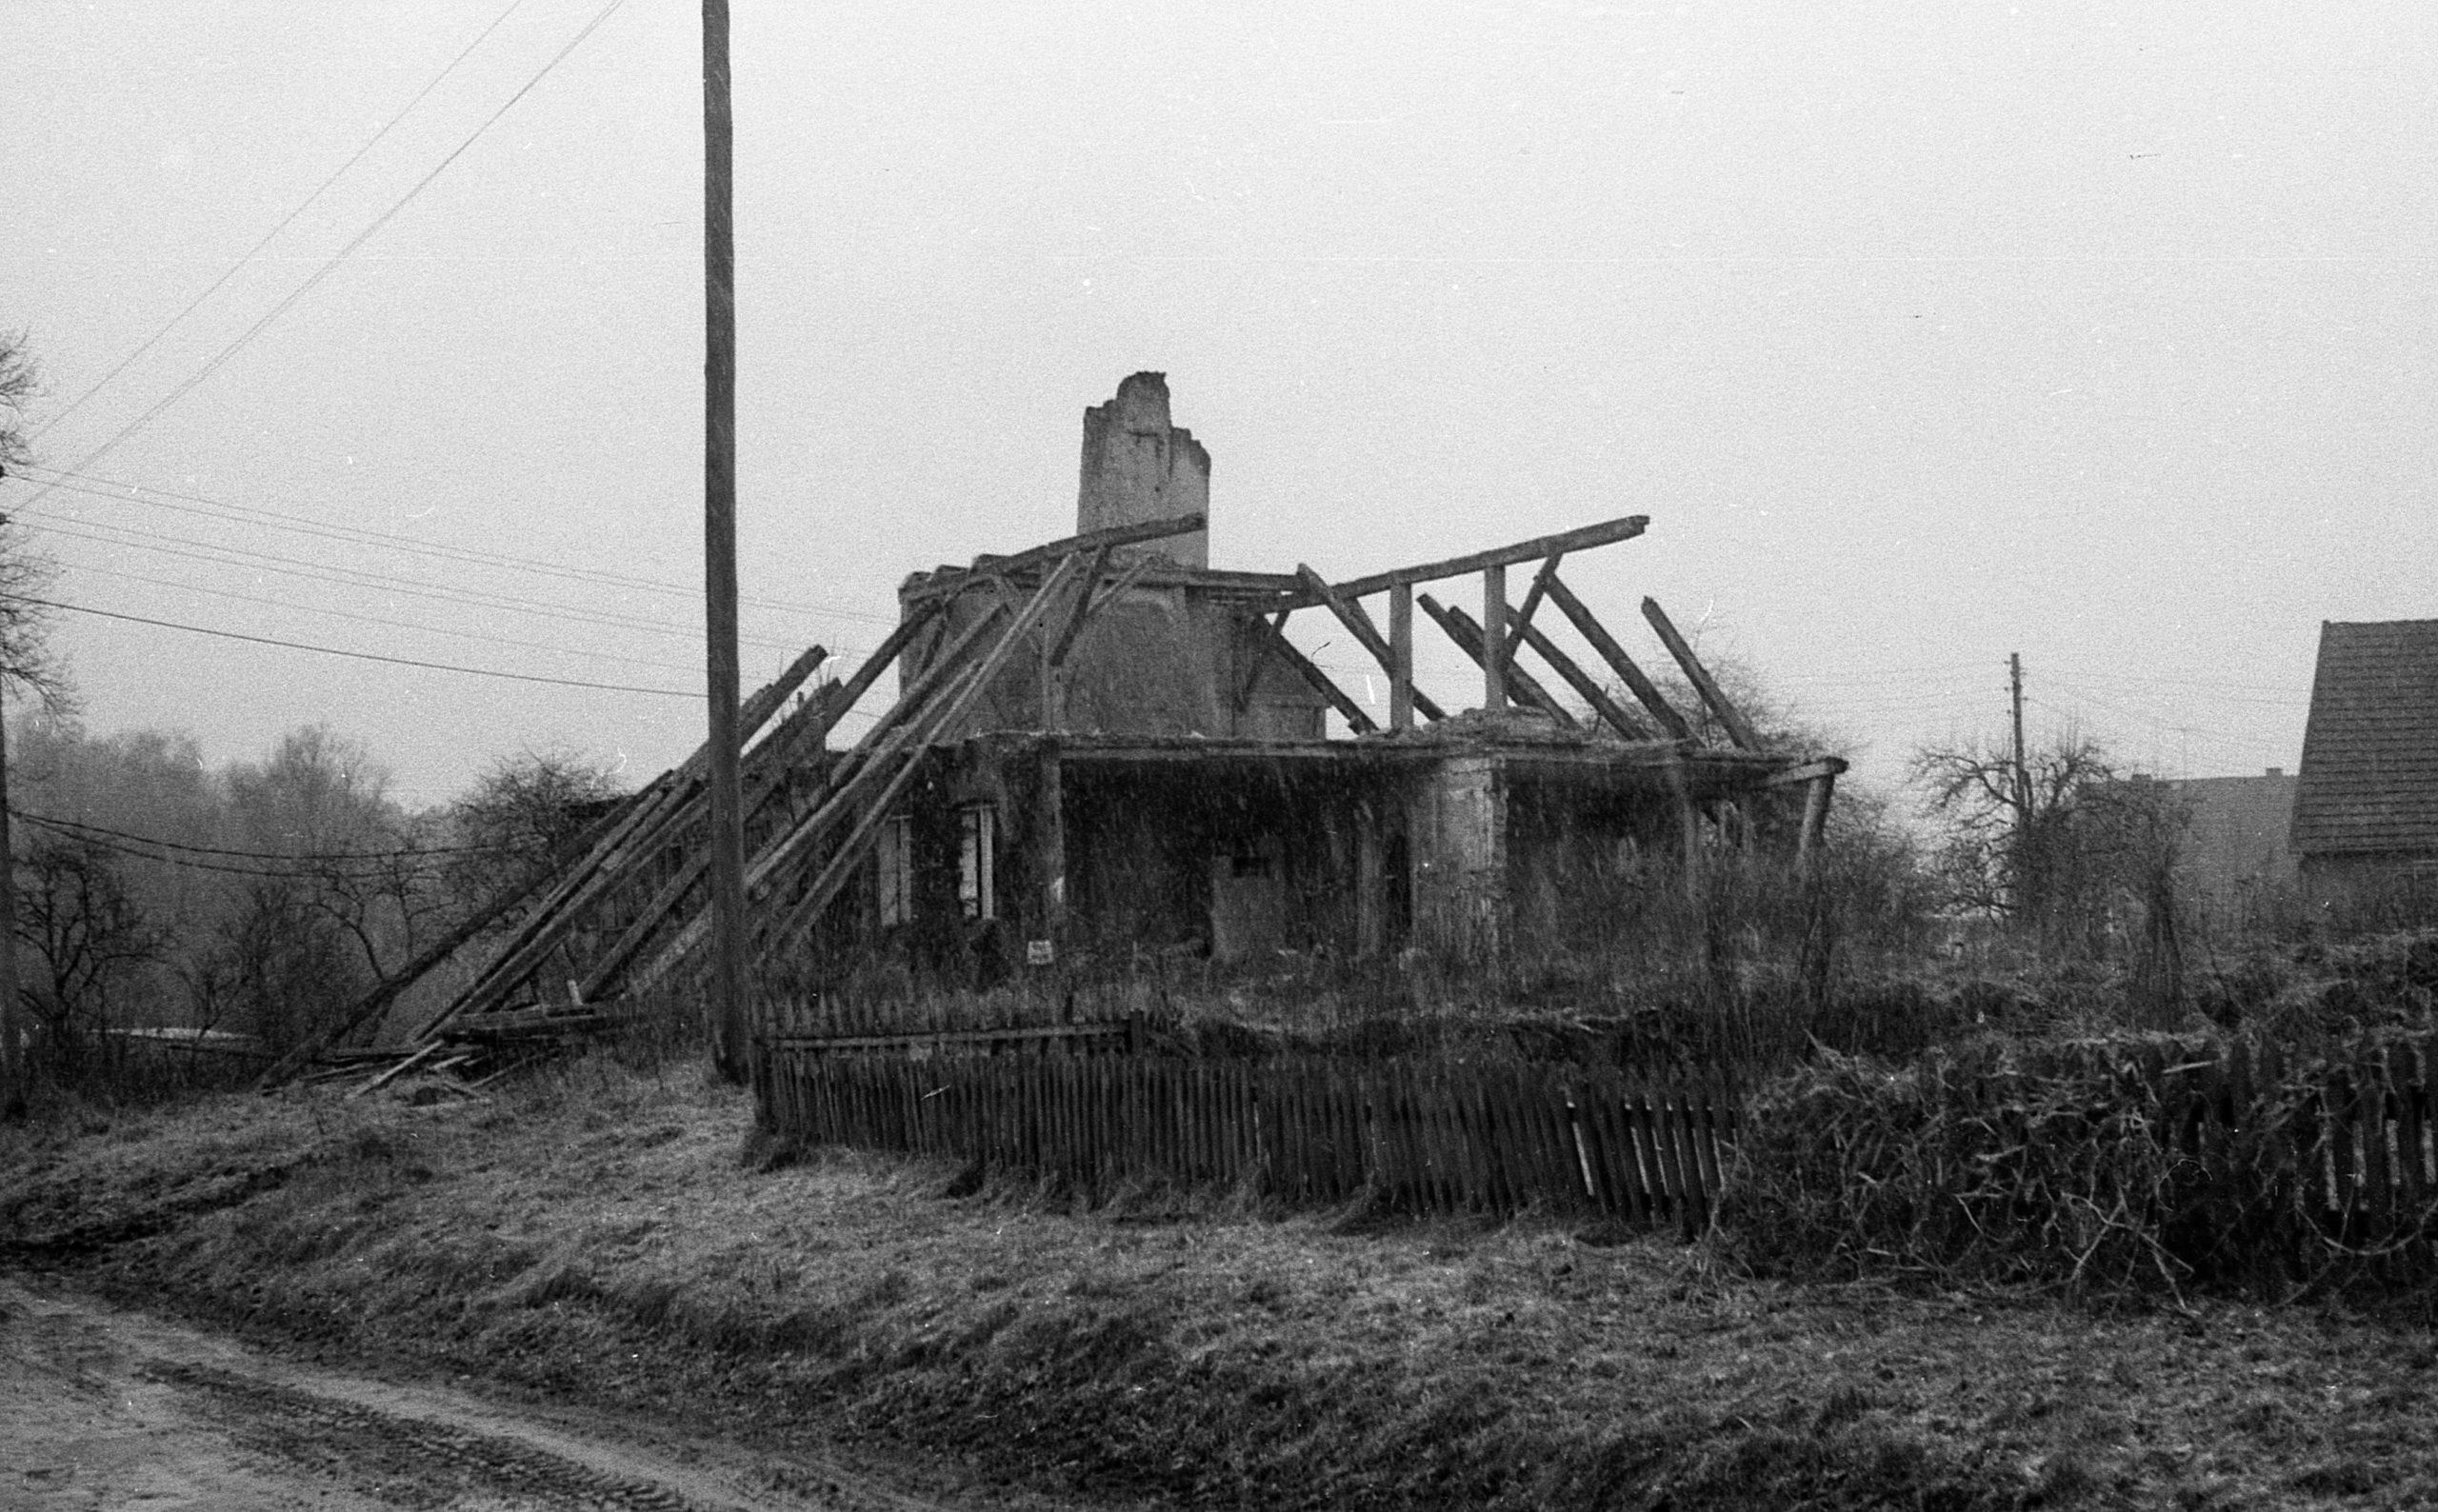 Rückbau des aufgegebenen Fachwerkgebäudes im Dorf Stuer, 1987